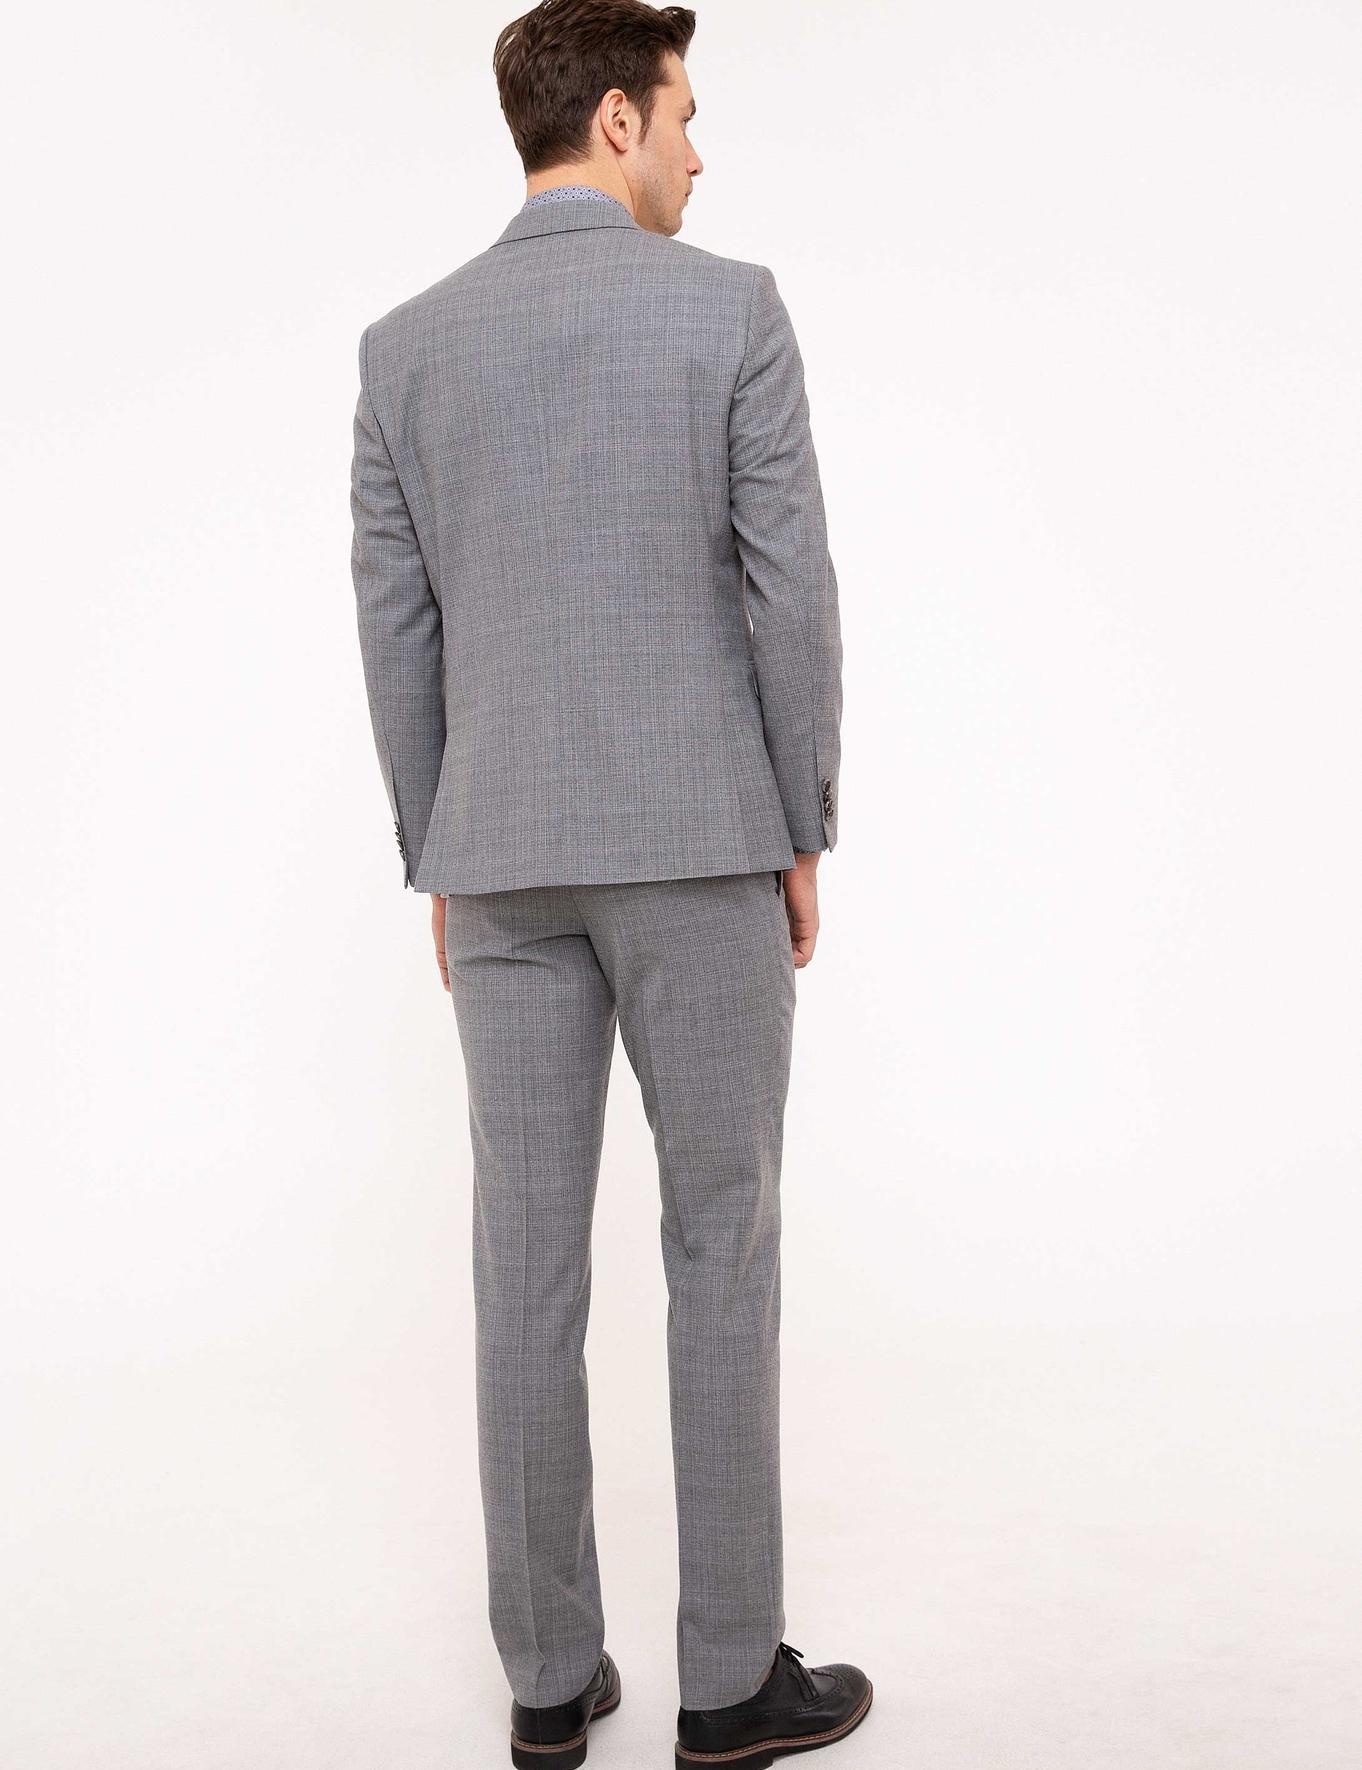 Gri Slim Fit Takım Elbise - 50206234041